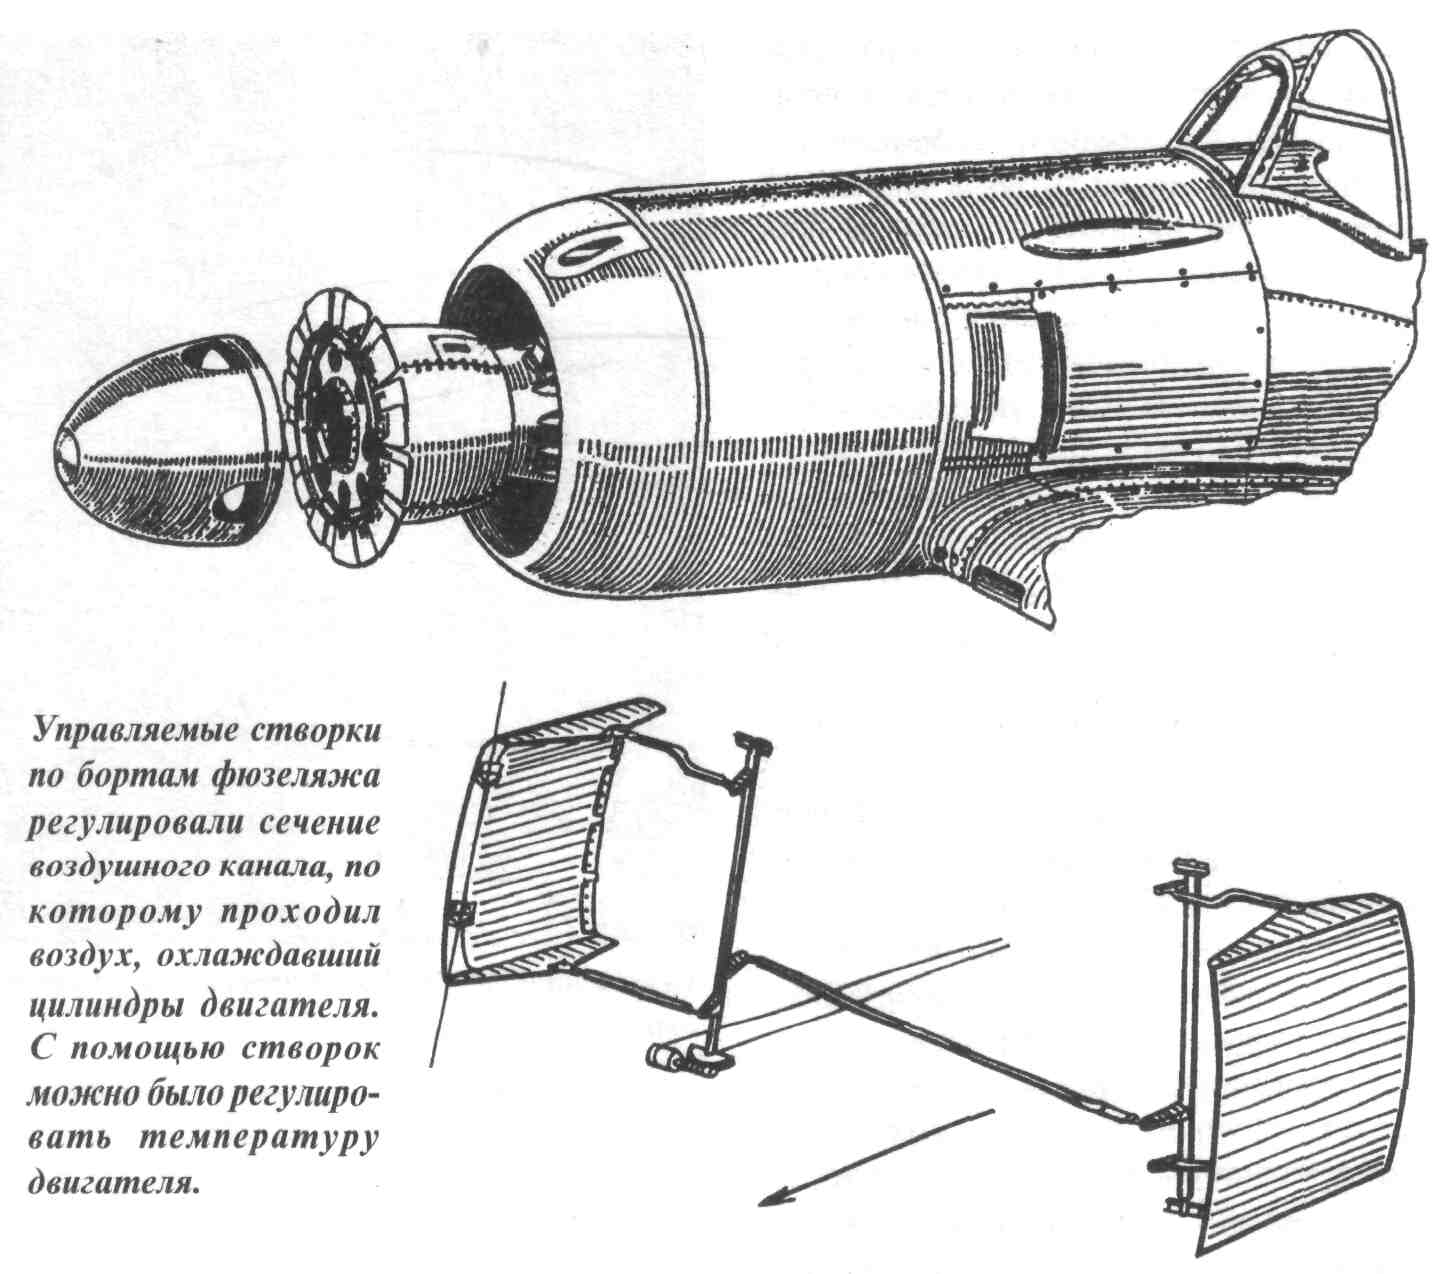 igor113 - Музей ВВС монино.Зал ВОВ ч.9: Ла-